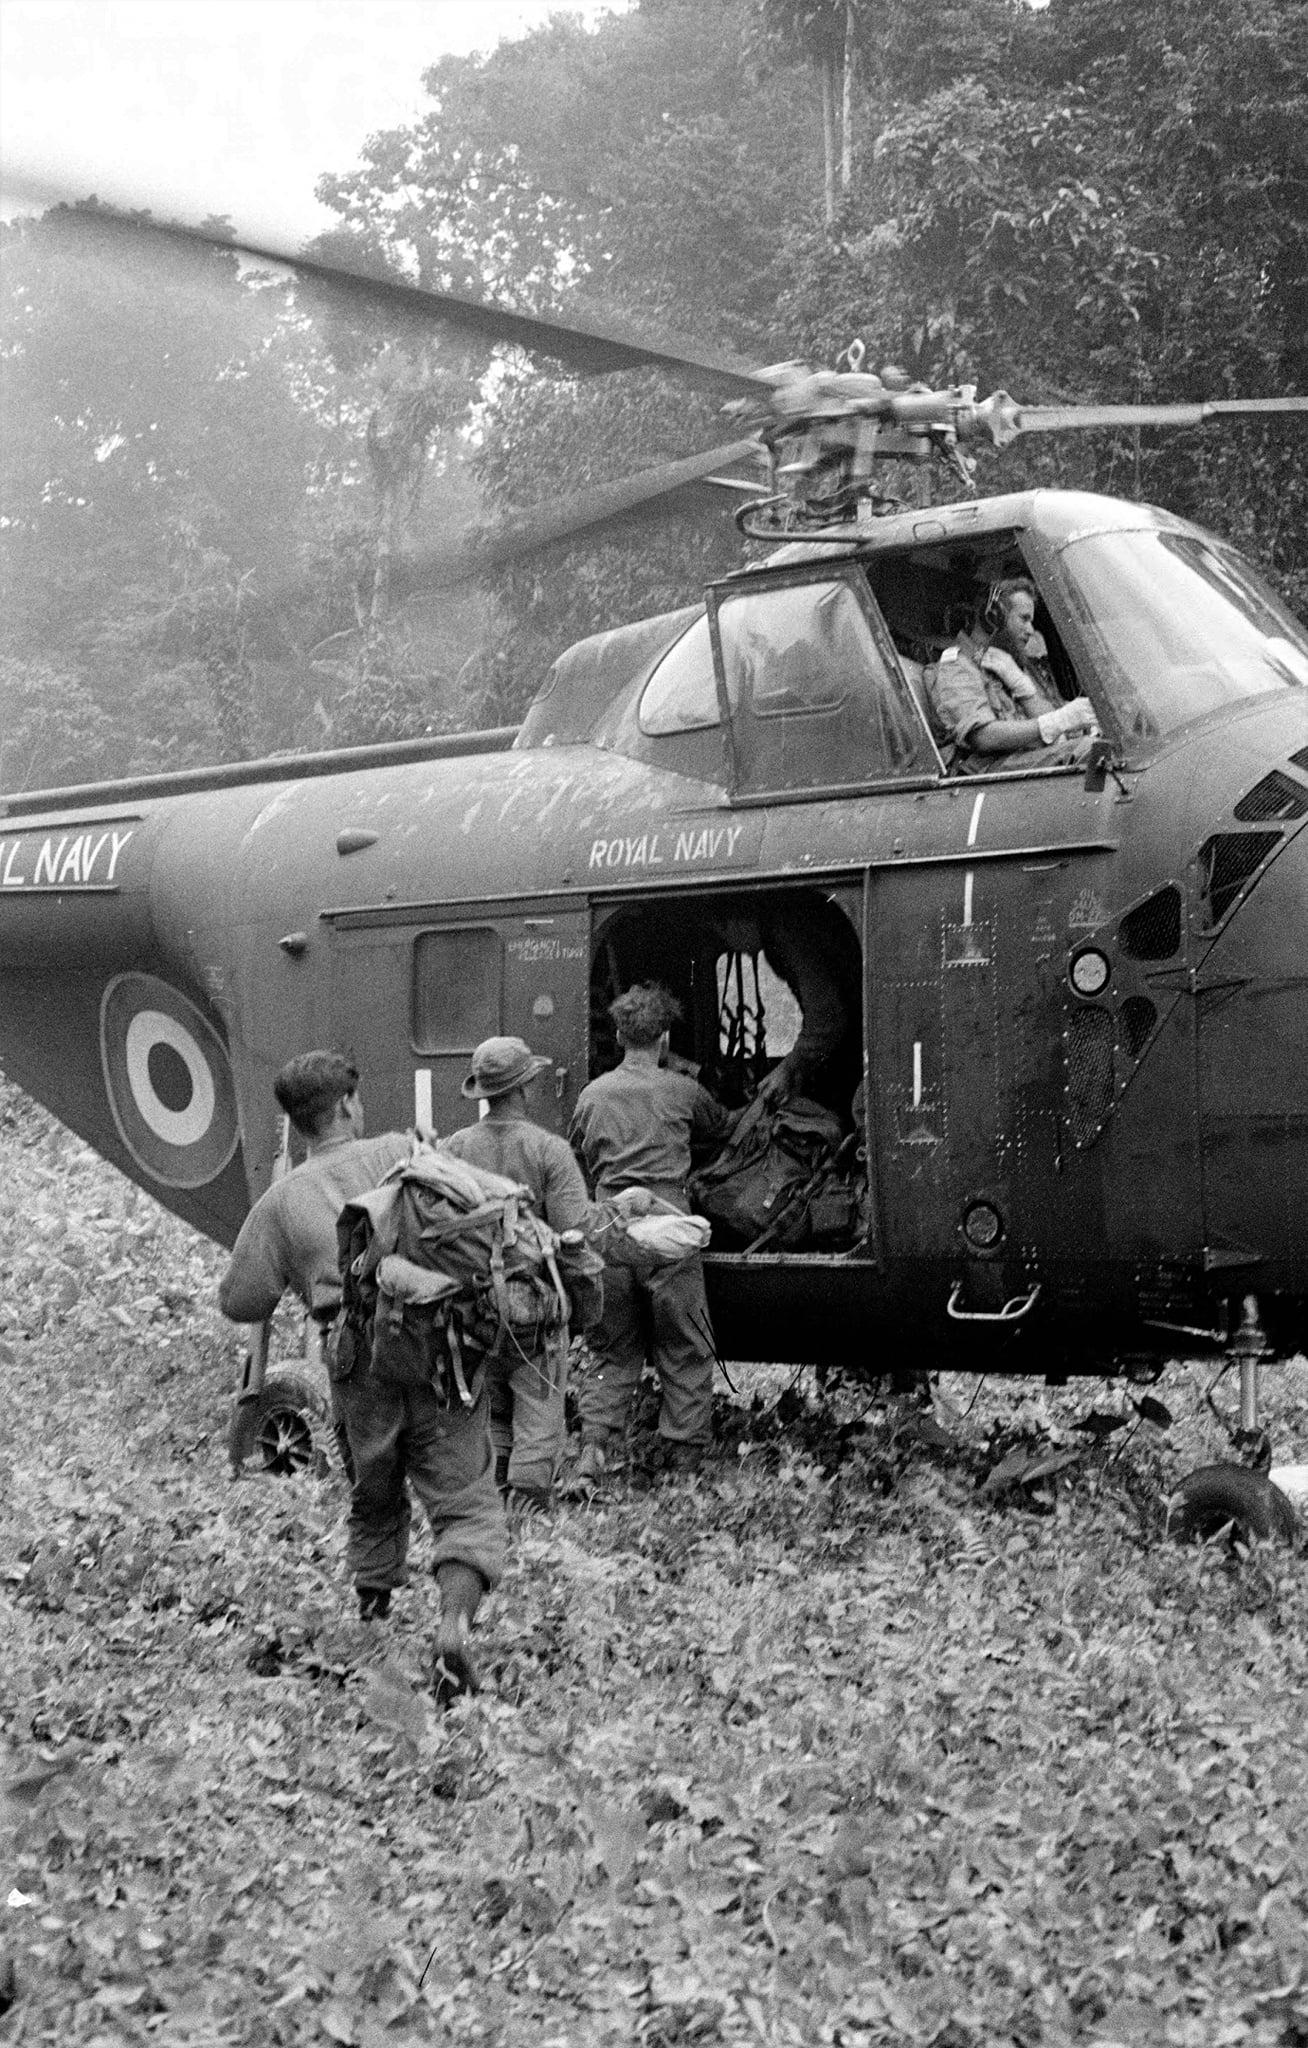 soldats britanniques, australiens, néo-zélandais... et malaisiens 131747873_10221717785447508_5996744410983218181_o-jpg